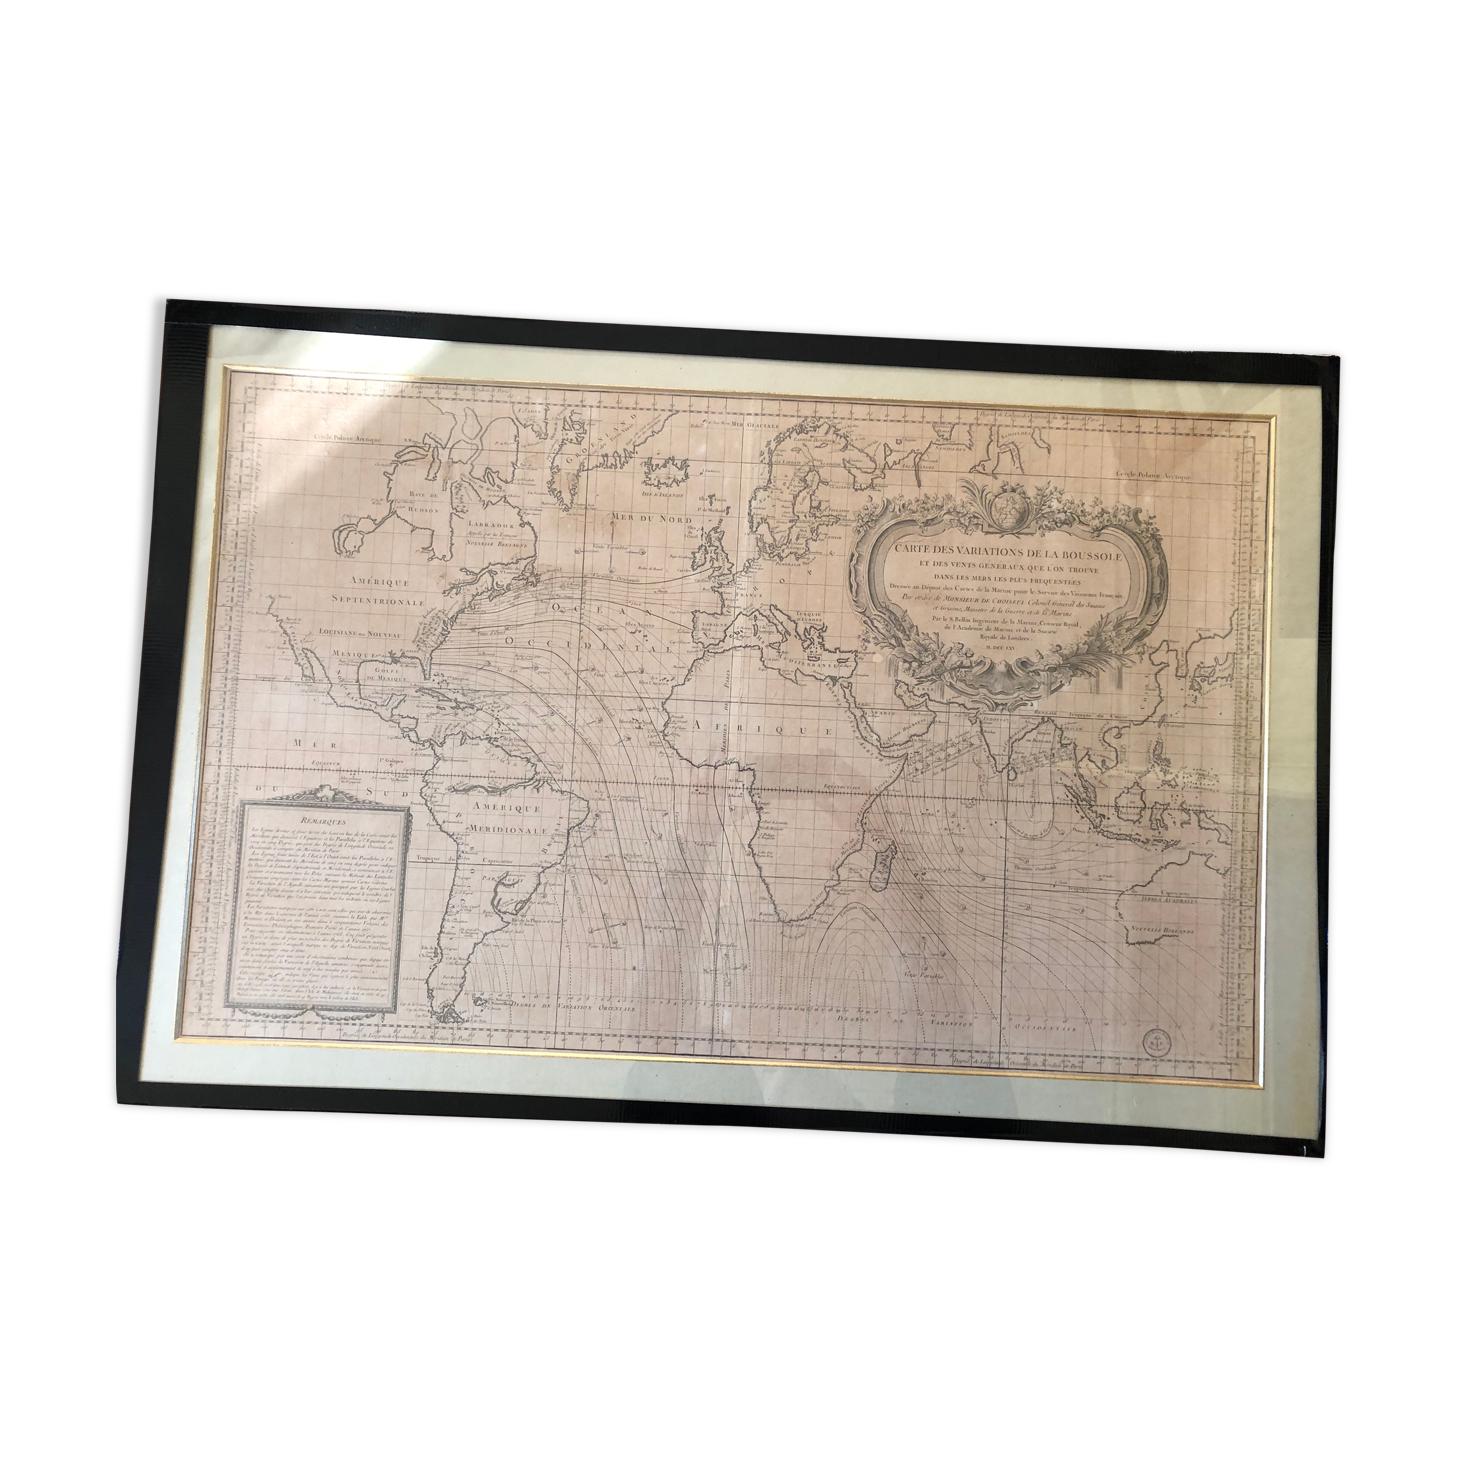 Planisphère Belin (Jacques-Nicolas) des variations de la boussole et des vents généraux que l'on trouve dans les mers les plus fréquentées, Paris, 1765